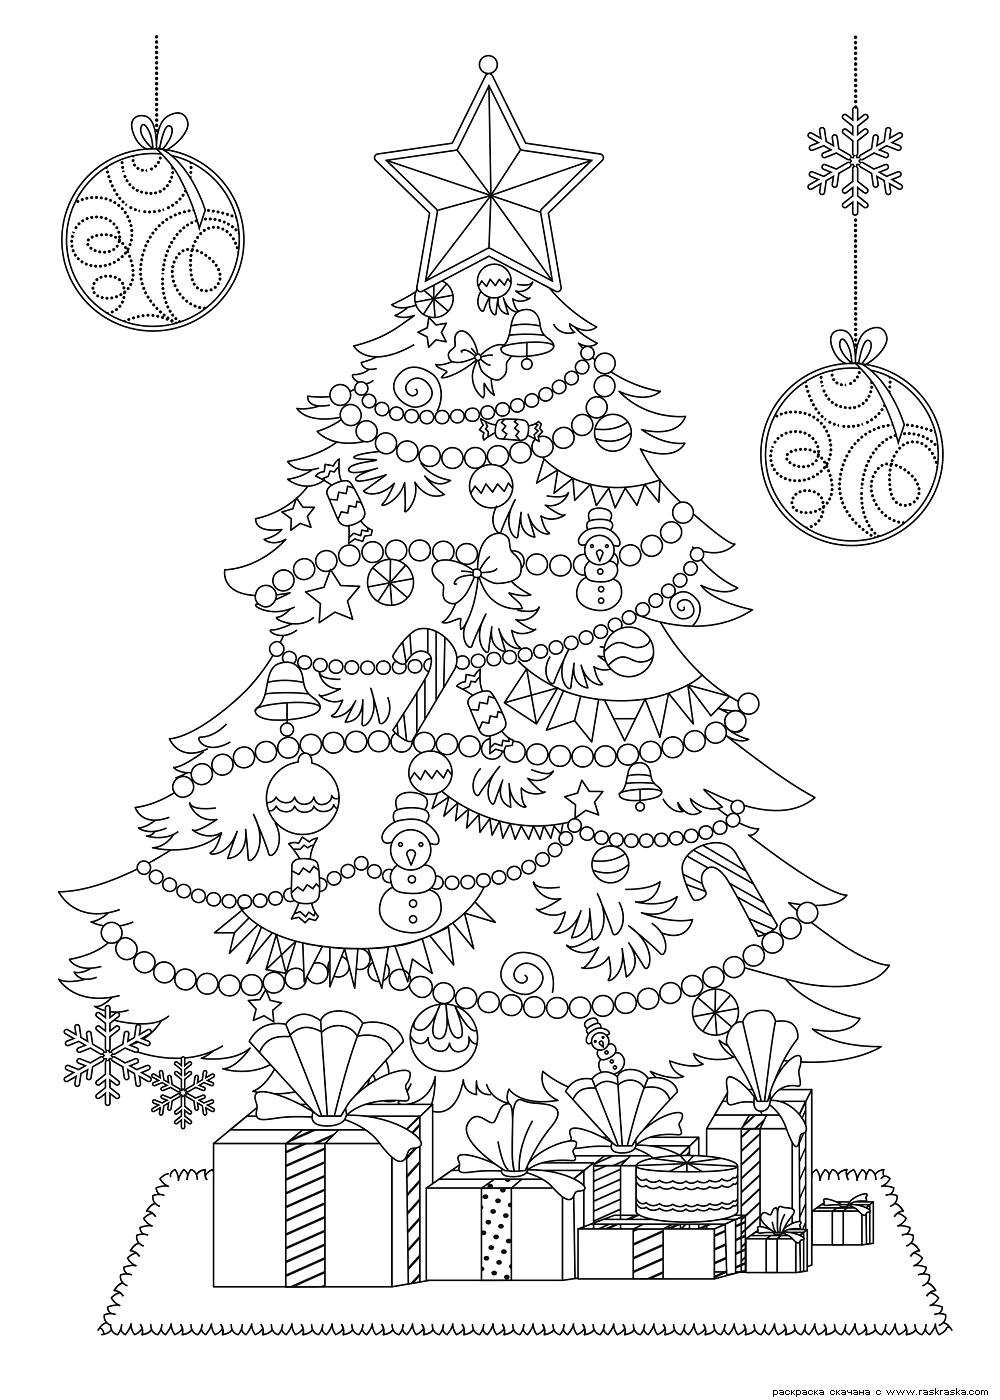 Раскраска Красивая новогодняя елка. Раскраска елка